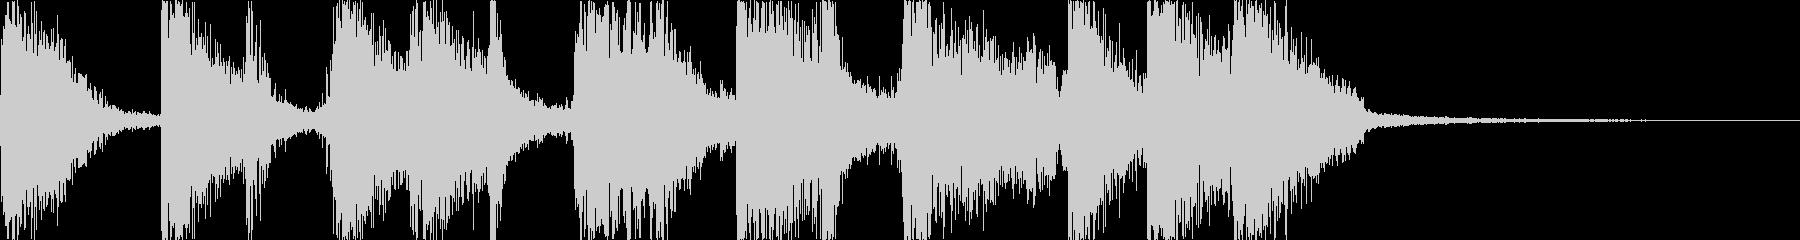 派手できらびやかなブルースジングルの未再生の波形